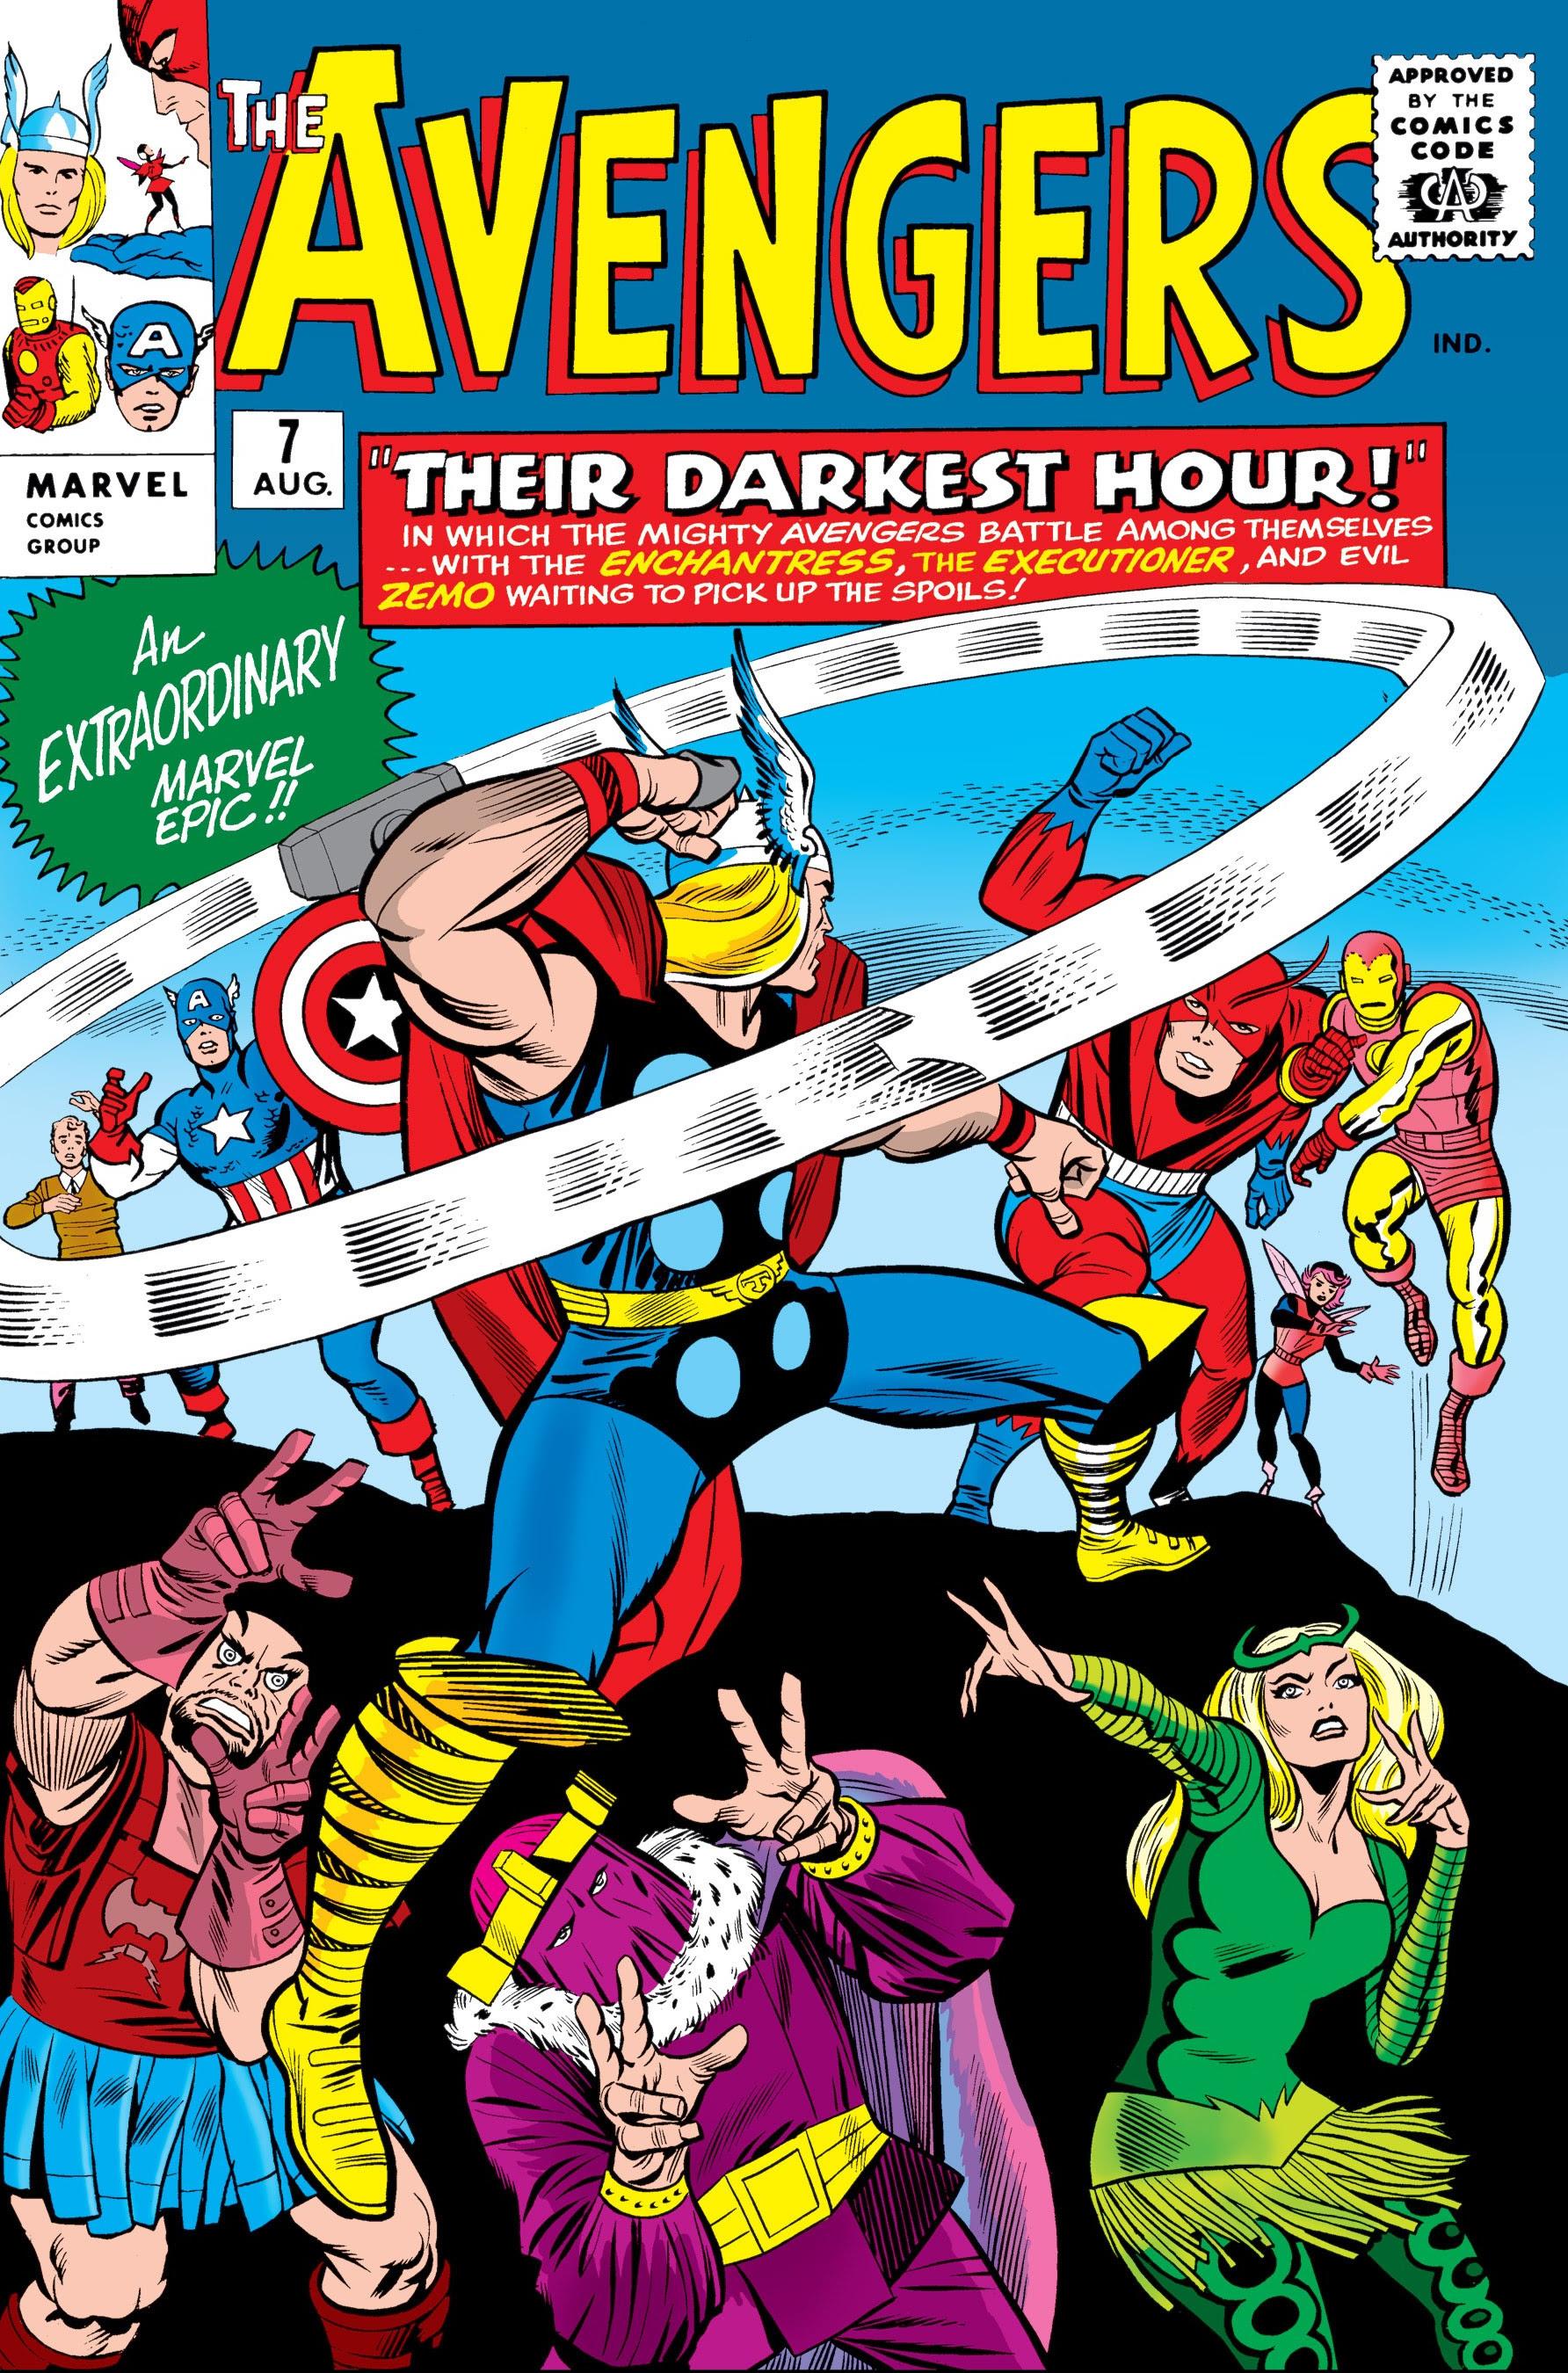 http://vignette2.wikia.nocookie.net/marveldatabase/images/0/0e/Avengers_Vol_1_7.jpg/revision/latest?cb=20051102180545